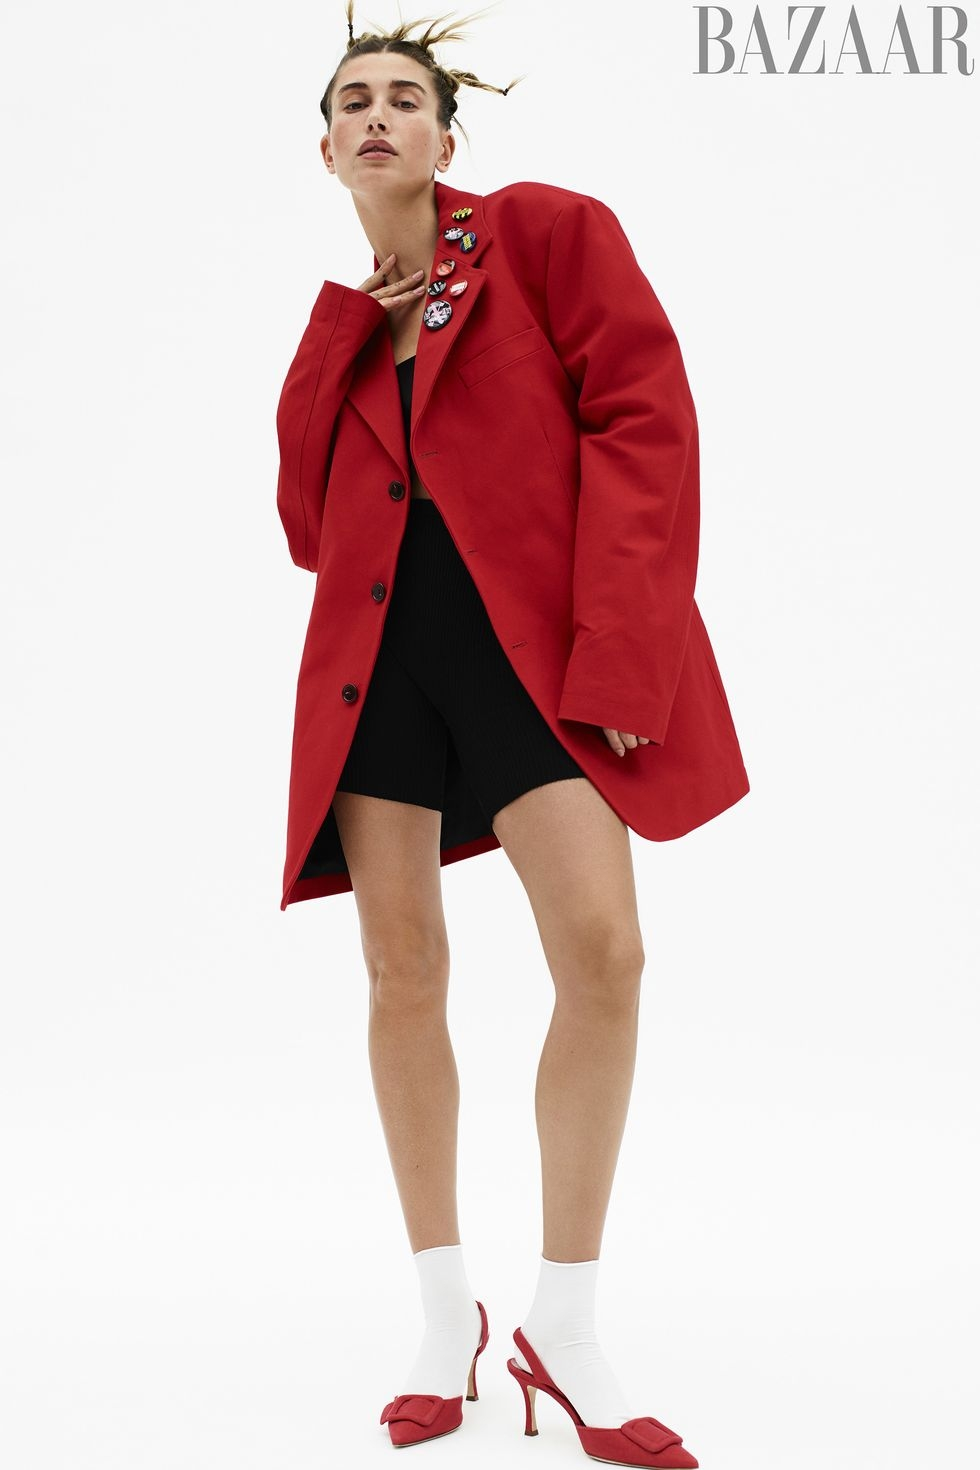 Хейли Бибер появилась на обложке глянца и рассказала о зависимости от соцсетей (ФОТО) - фото №2